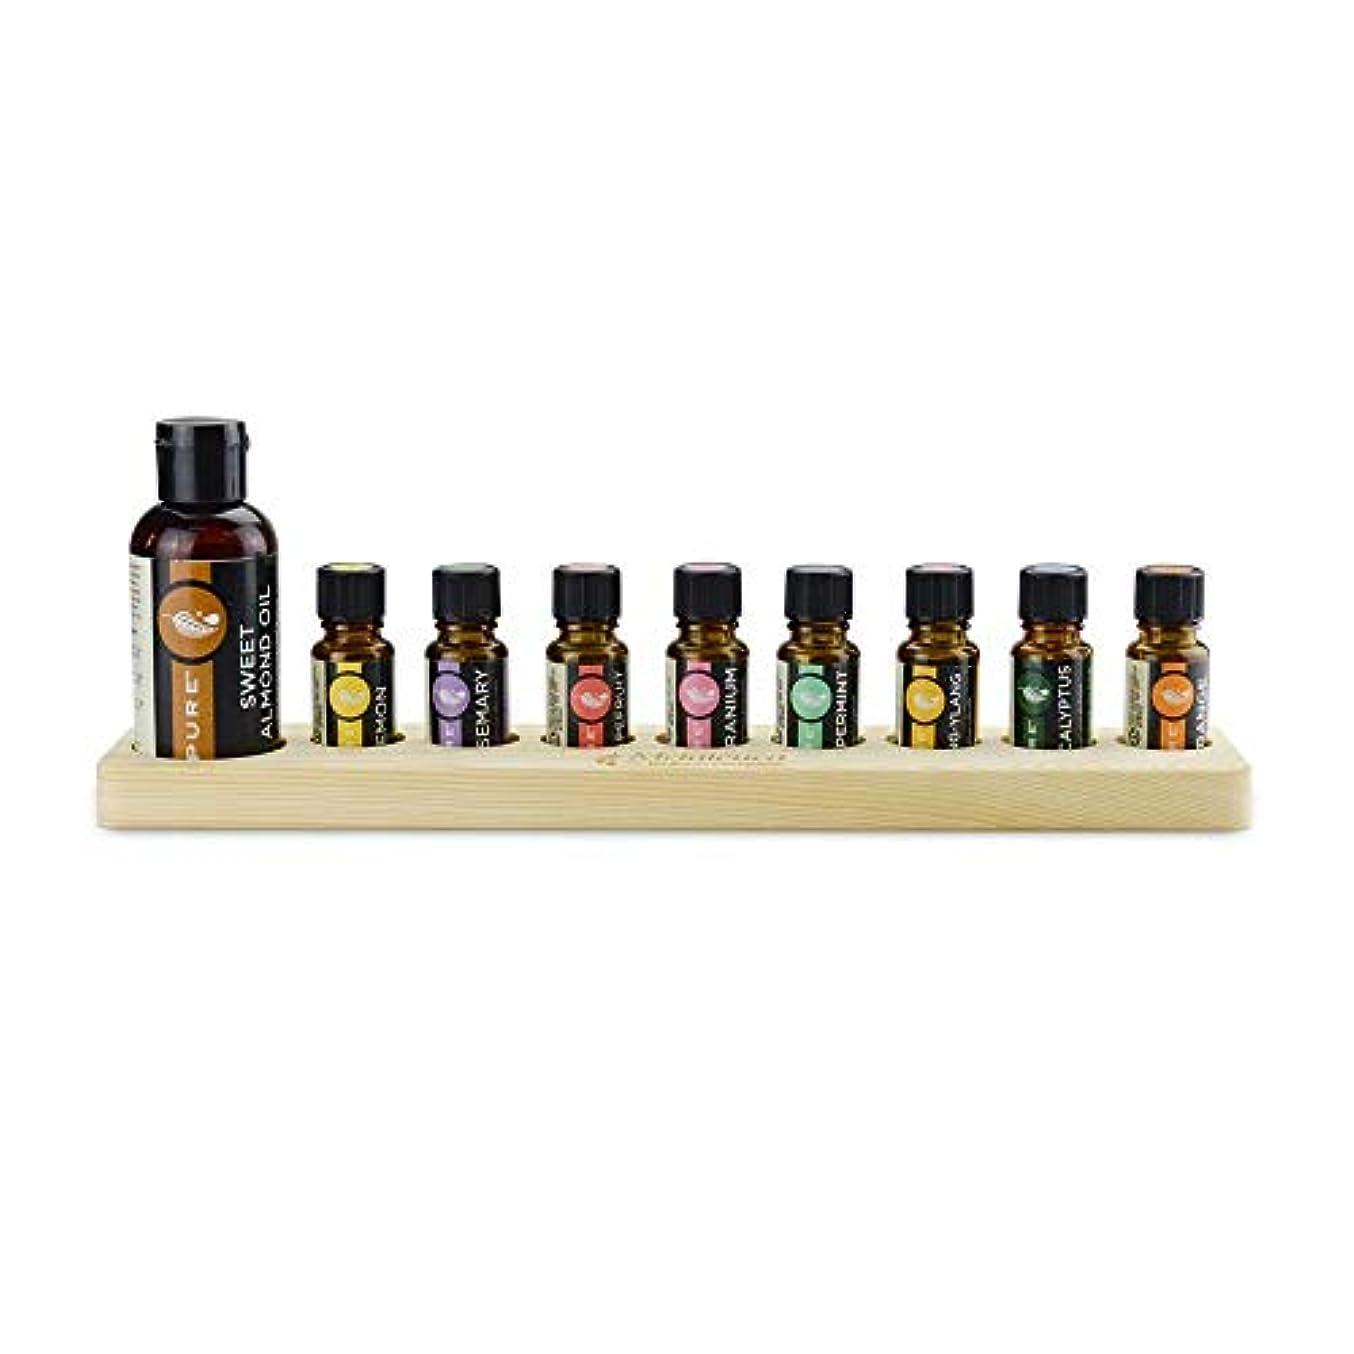 規制けん引仮定9スロット木製エッセンシャルオイルストレージホルダーは、9つの15ミリリットル油のボトルを保持します アロマセラピー製品 (色 : Natural, サイズ : Free size)